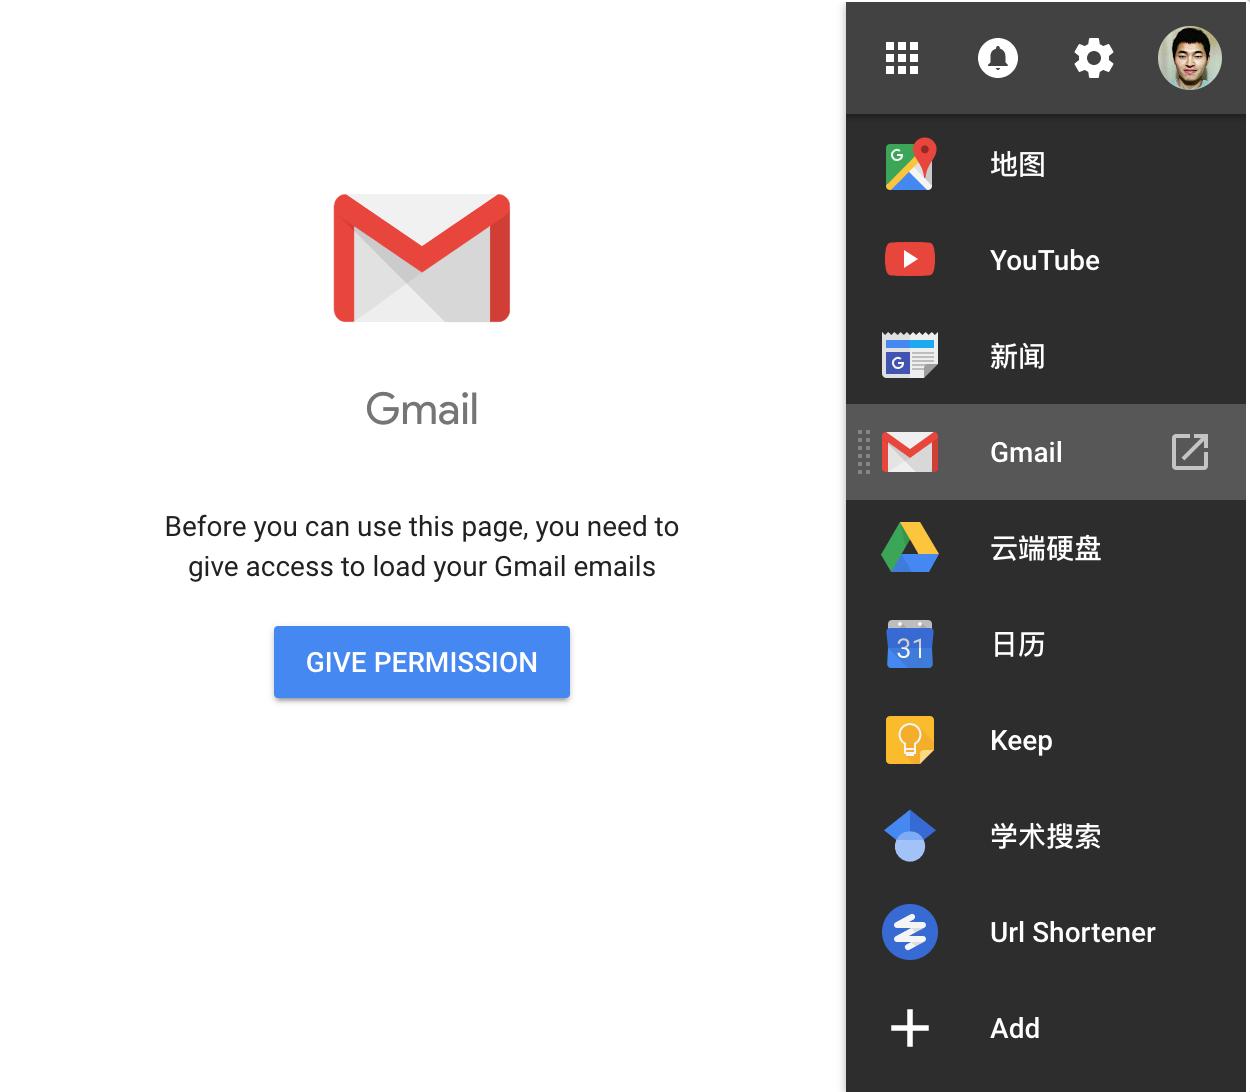 谷歌粉必备Chrome插件,一键开启Google产品服务!-iQiQi